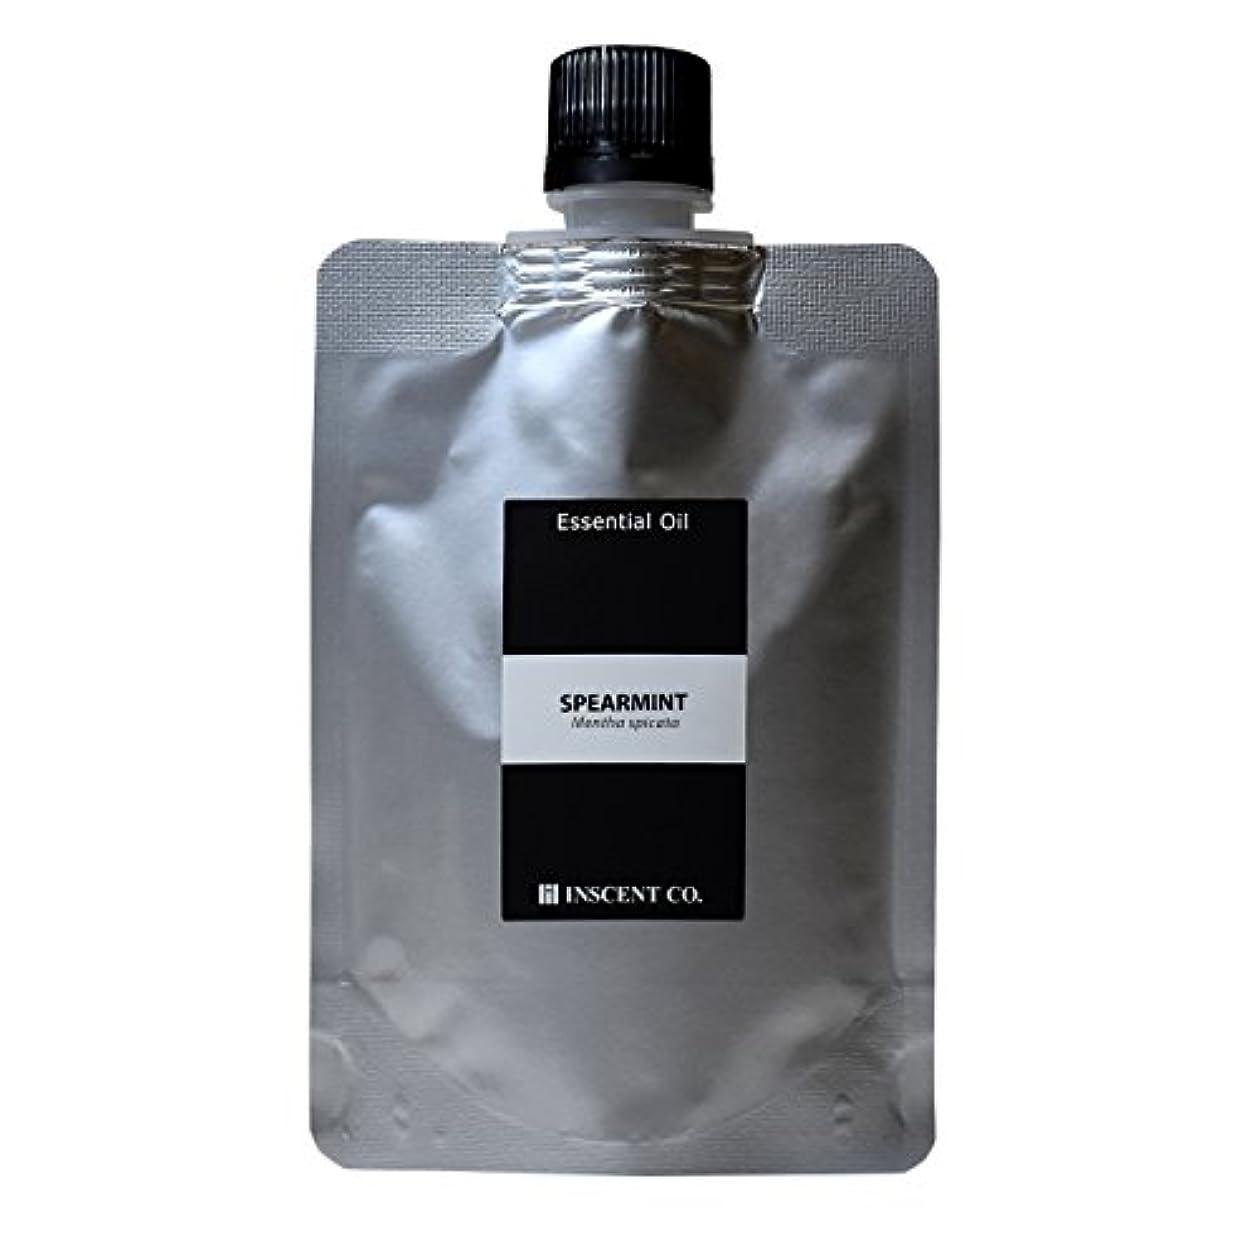 愛情深い不機嫌ミリメーター(詰替用 アルミパック) スペアミント 100ml インセント アロマオイル AEAJ 表示基準適合認定精油